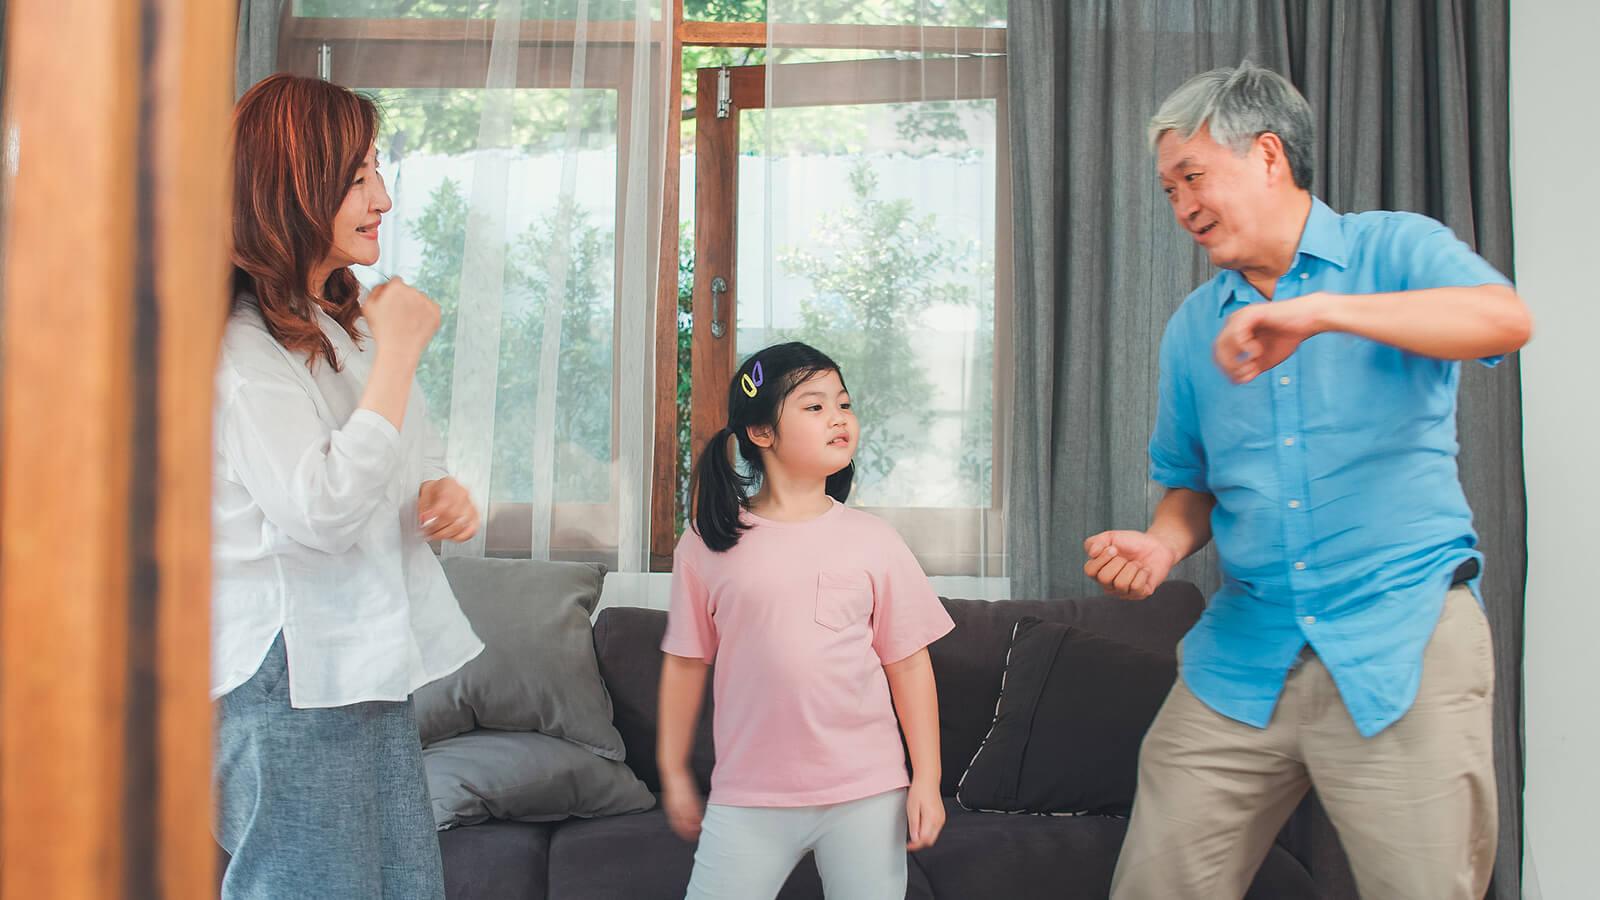 Padres bailando con su hija en el salón de casa para favorecer el desarrollo holístico durante los primero años de su pequeña.